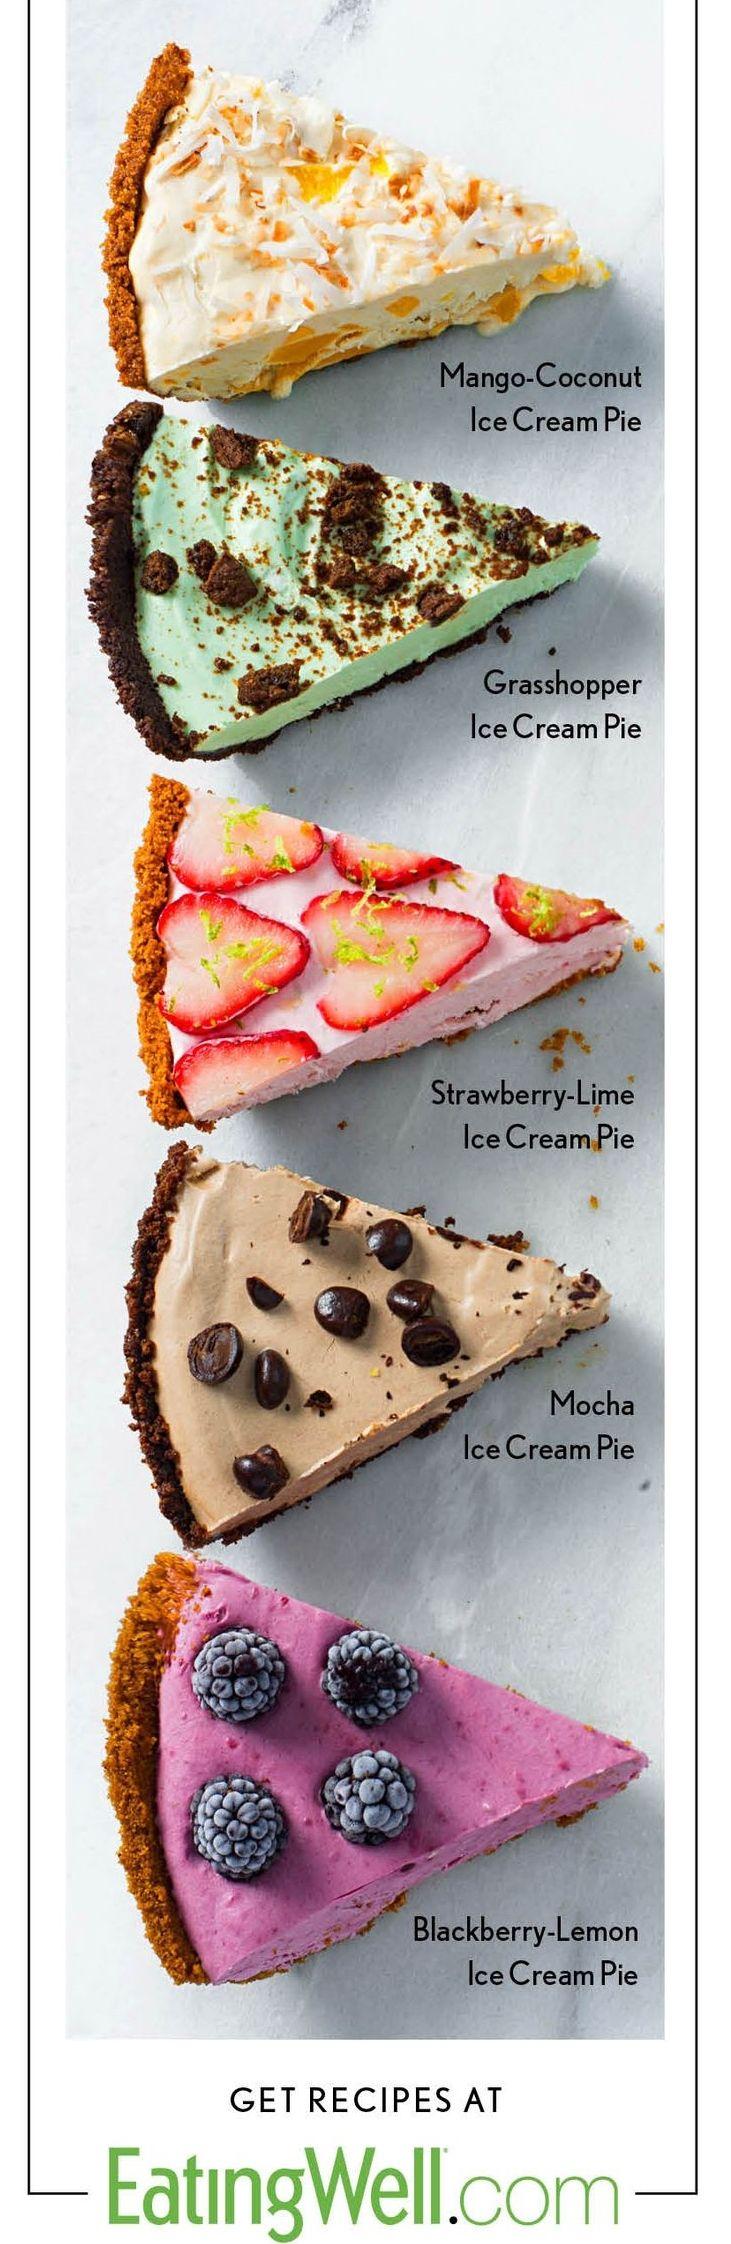 5 Healthier Ice Cream Pies